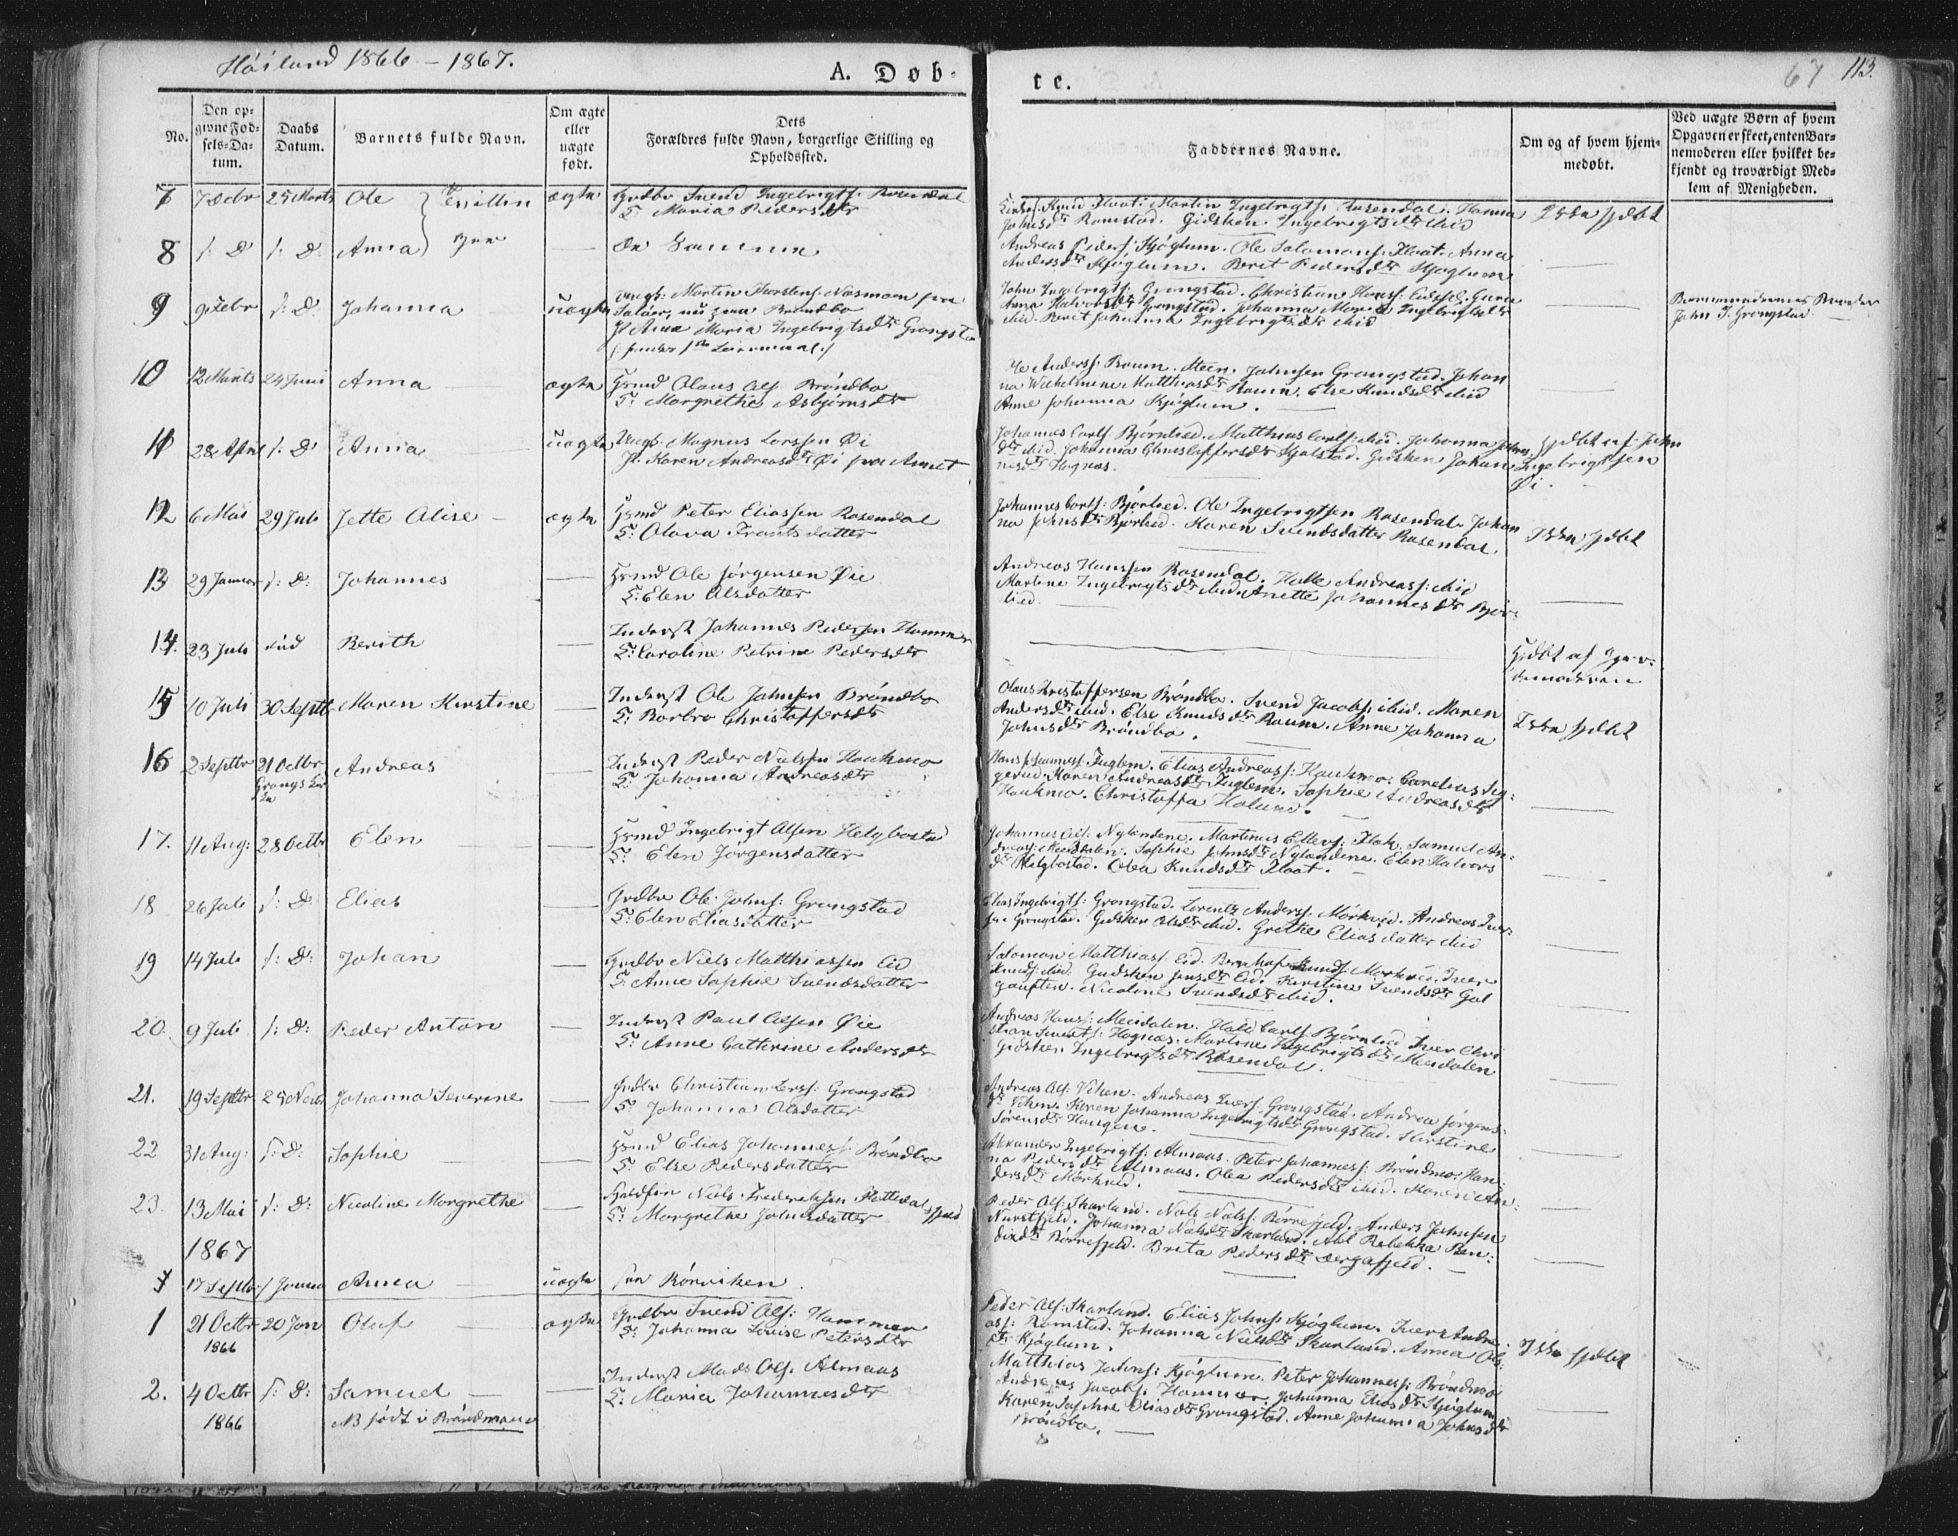 SAT, Ministerialprotokoller, klokkerbøker og fødselsregistre - Nord-Trøndelag, 758/L0513: Ministerialbok nr. 758A02 /2, 1839-1868, s. 67